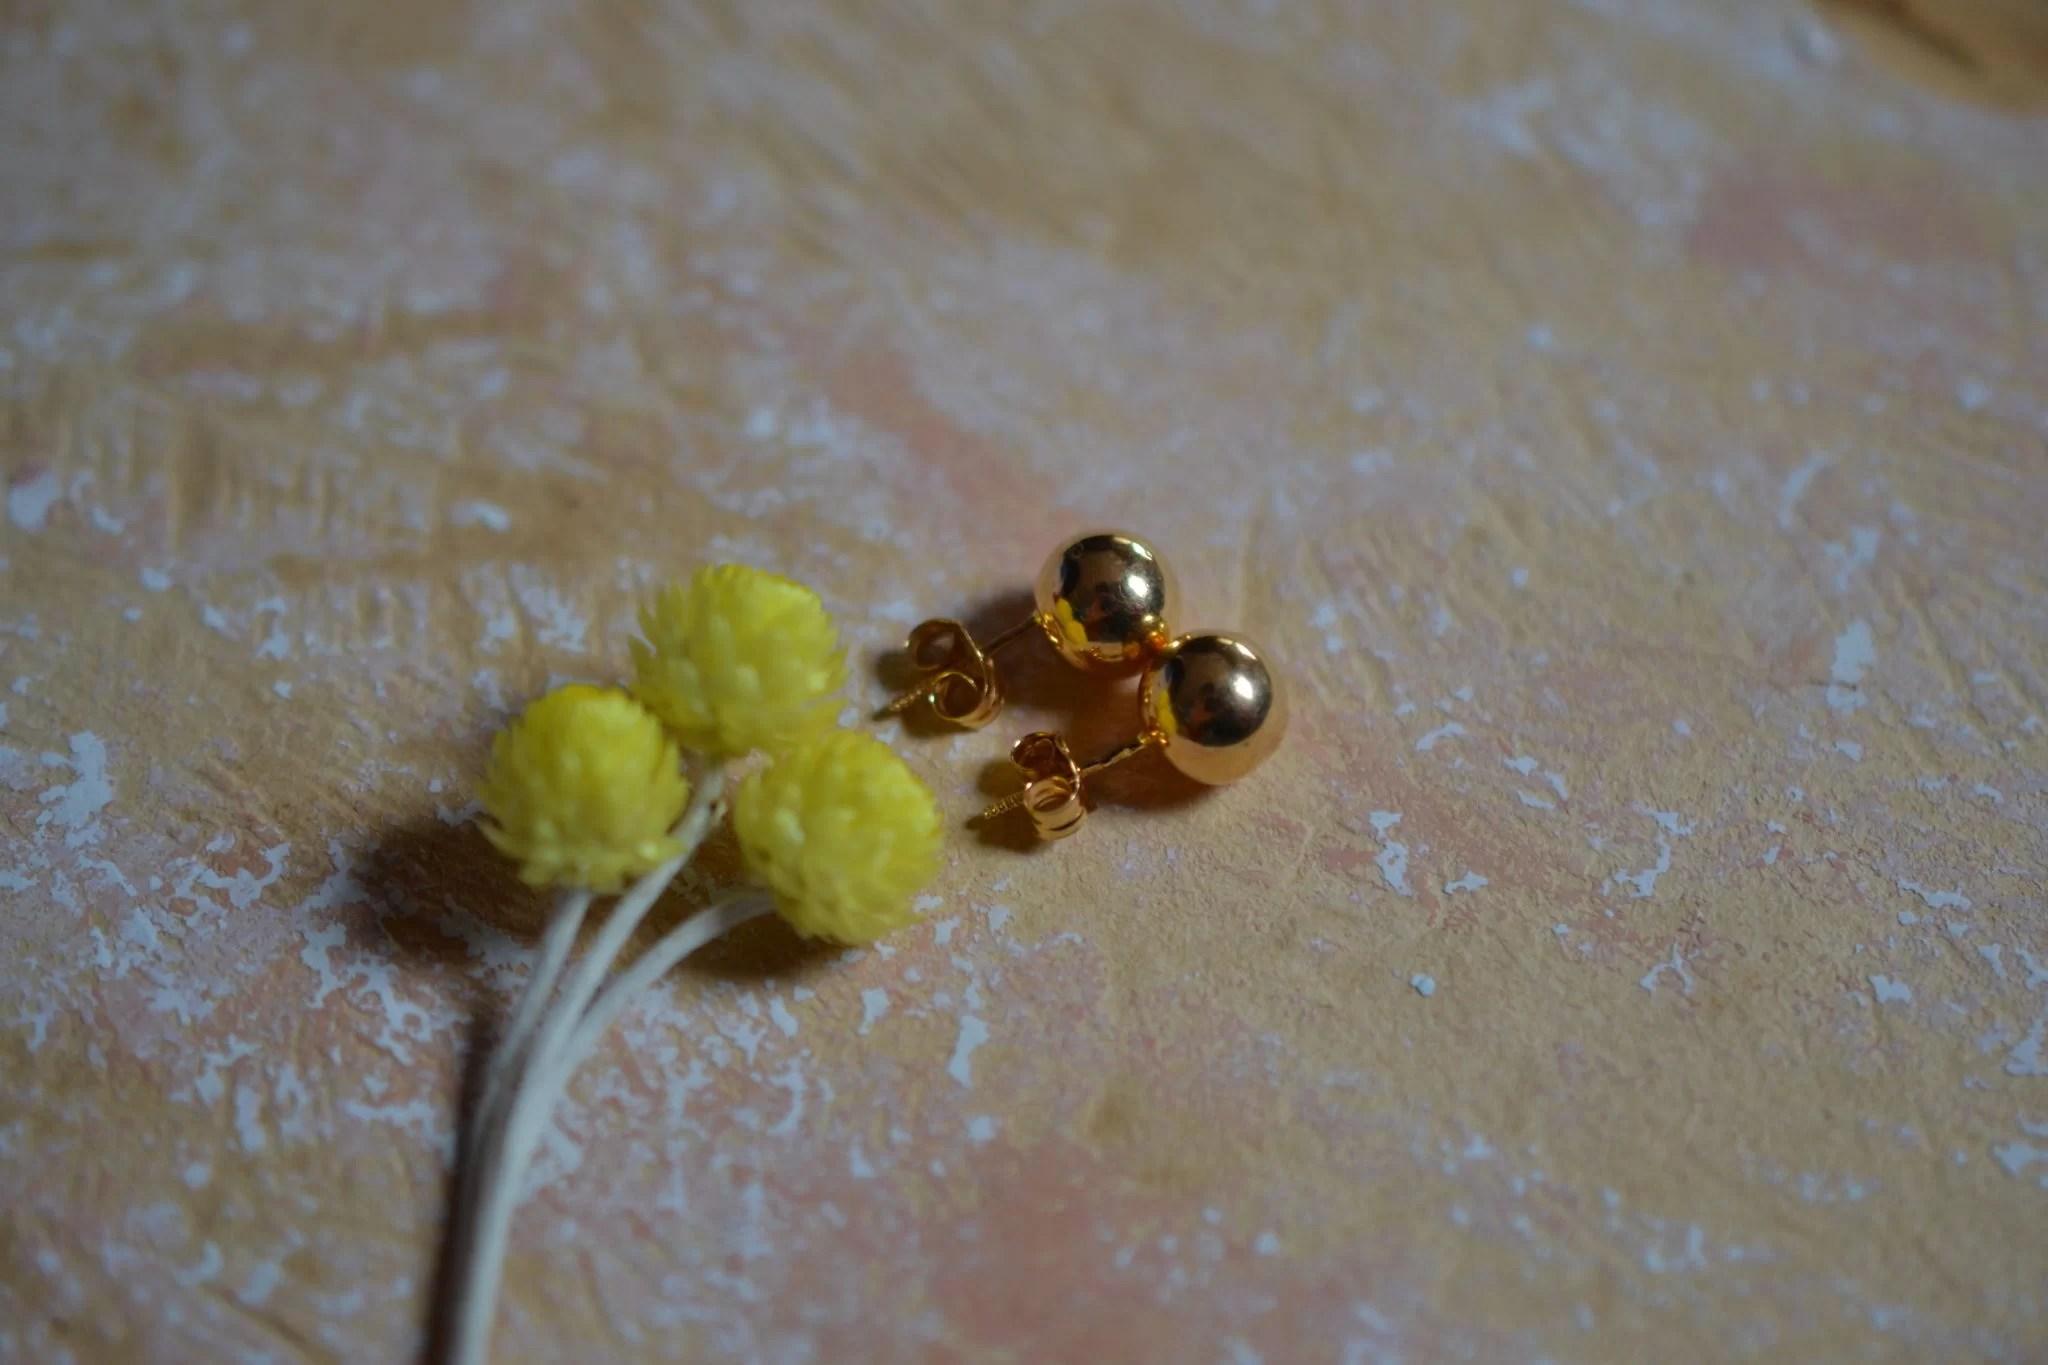 Paire de puces d_oreilles en Or jaune en forme de boules - boucles d_oreilles de seconde main